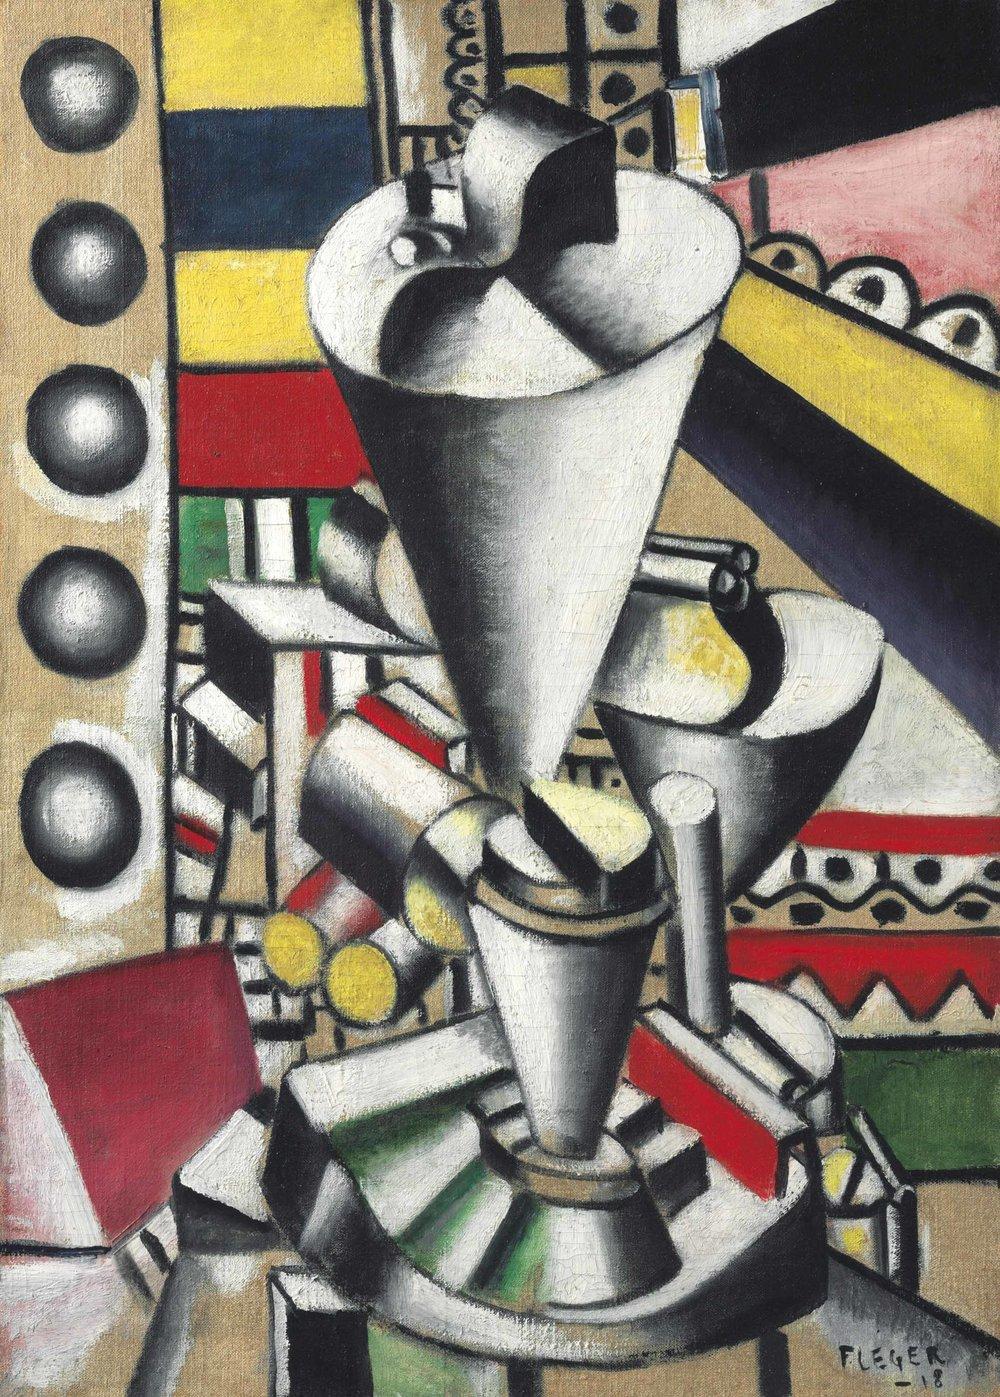 Sounds of a new century:Fernand Léger 's 1918 work, Nature morte aux éléments mécaniques